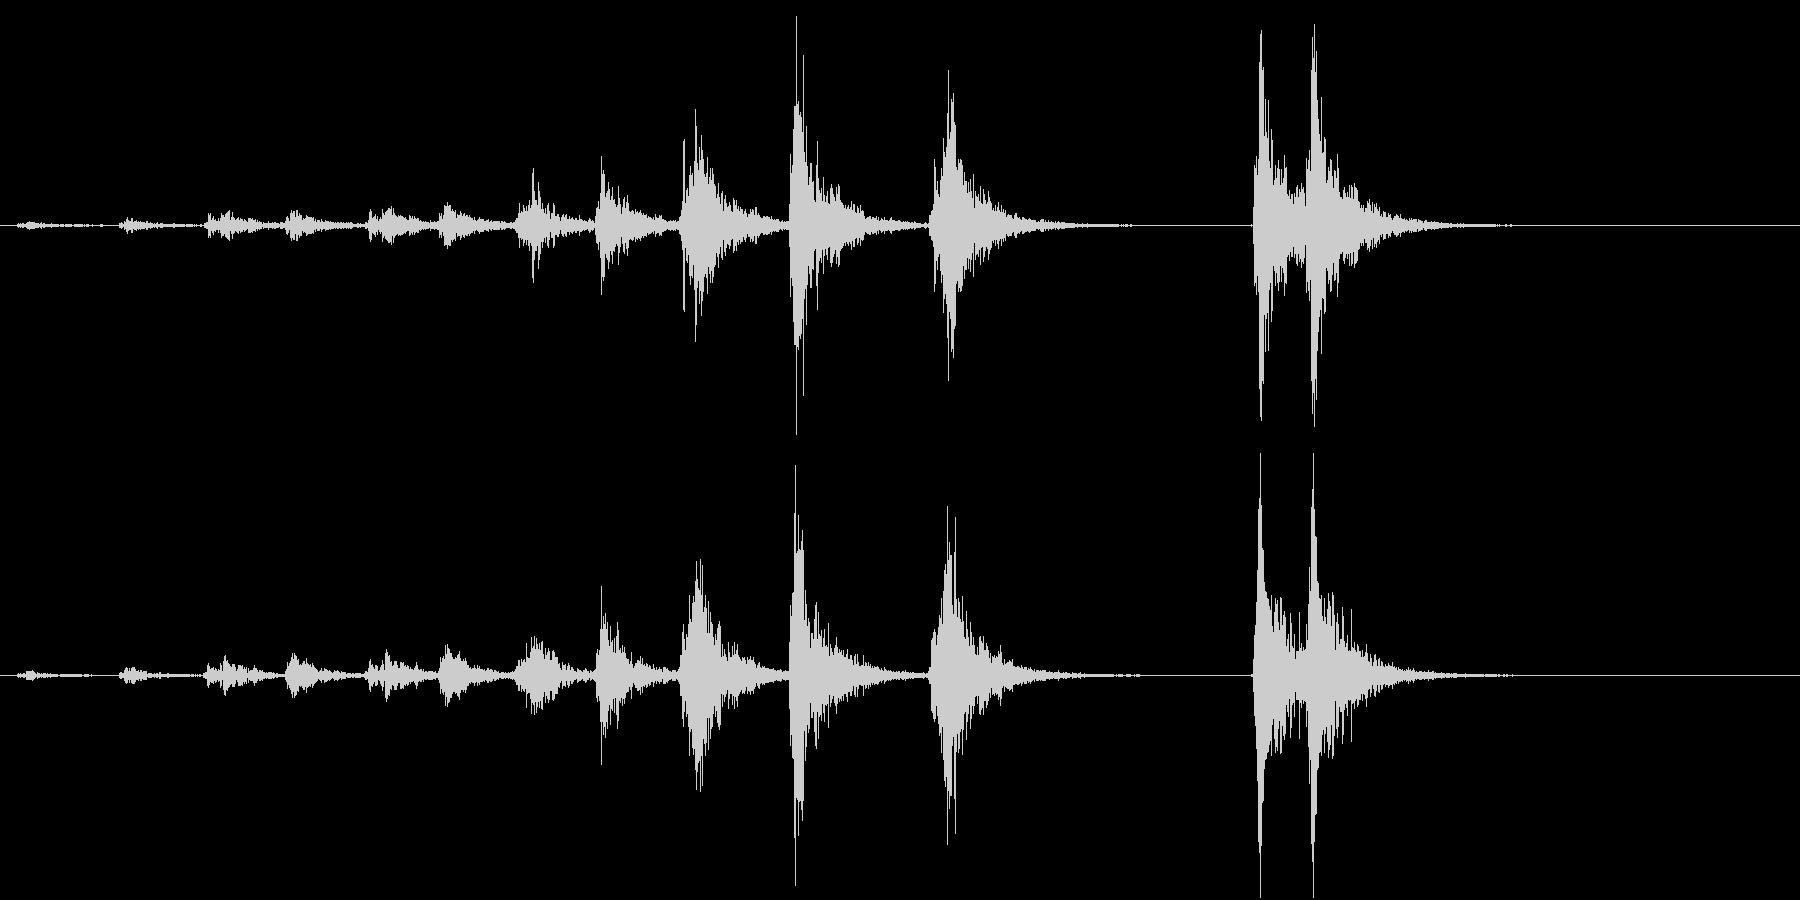 「ドドド・・ドン」歌舞伎の足拍子の連打音の未再生の波形